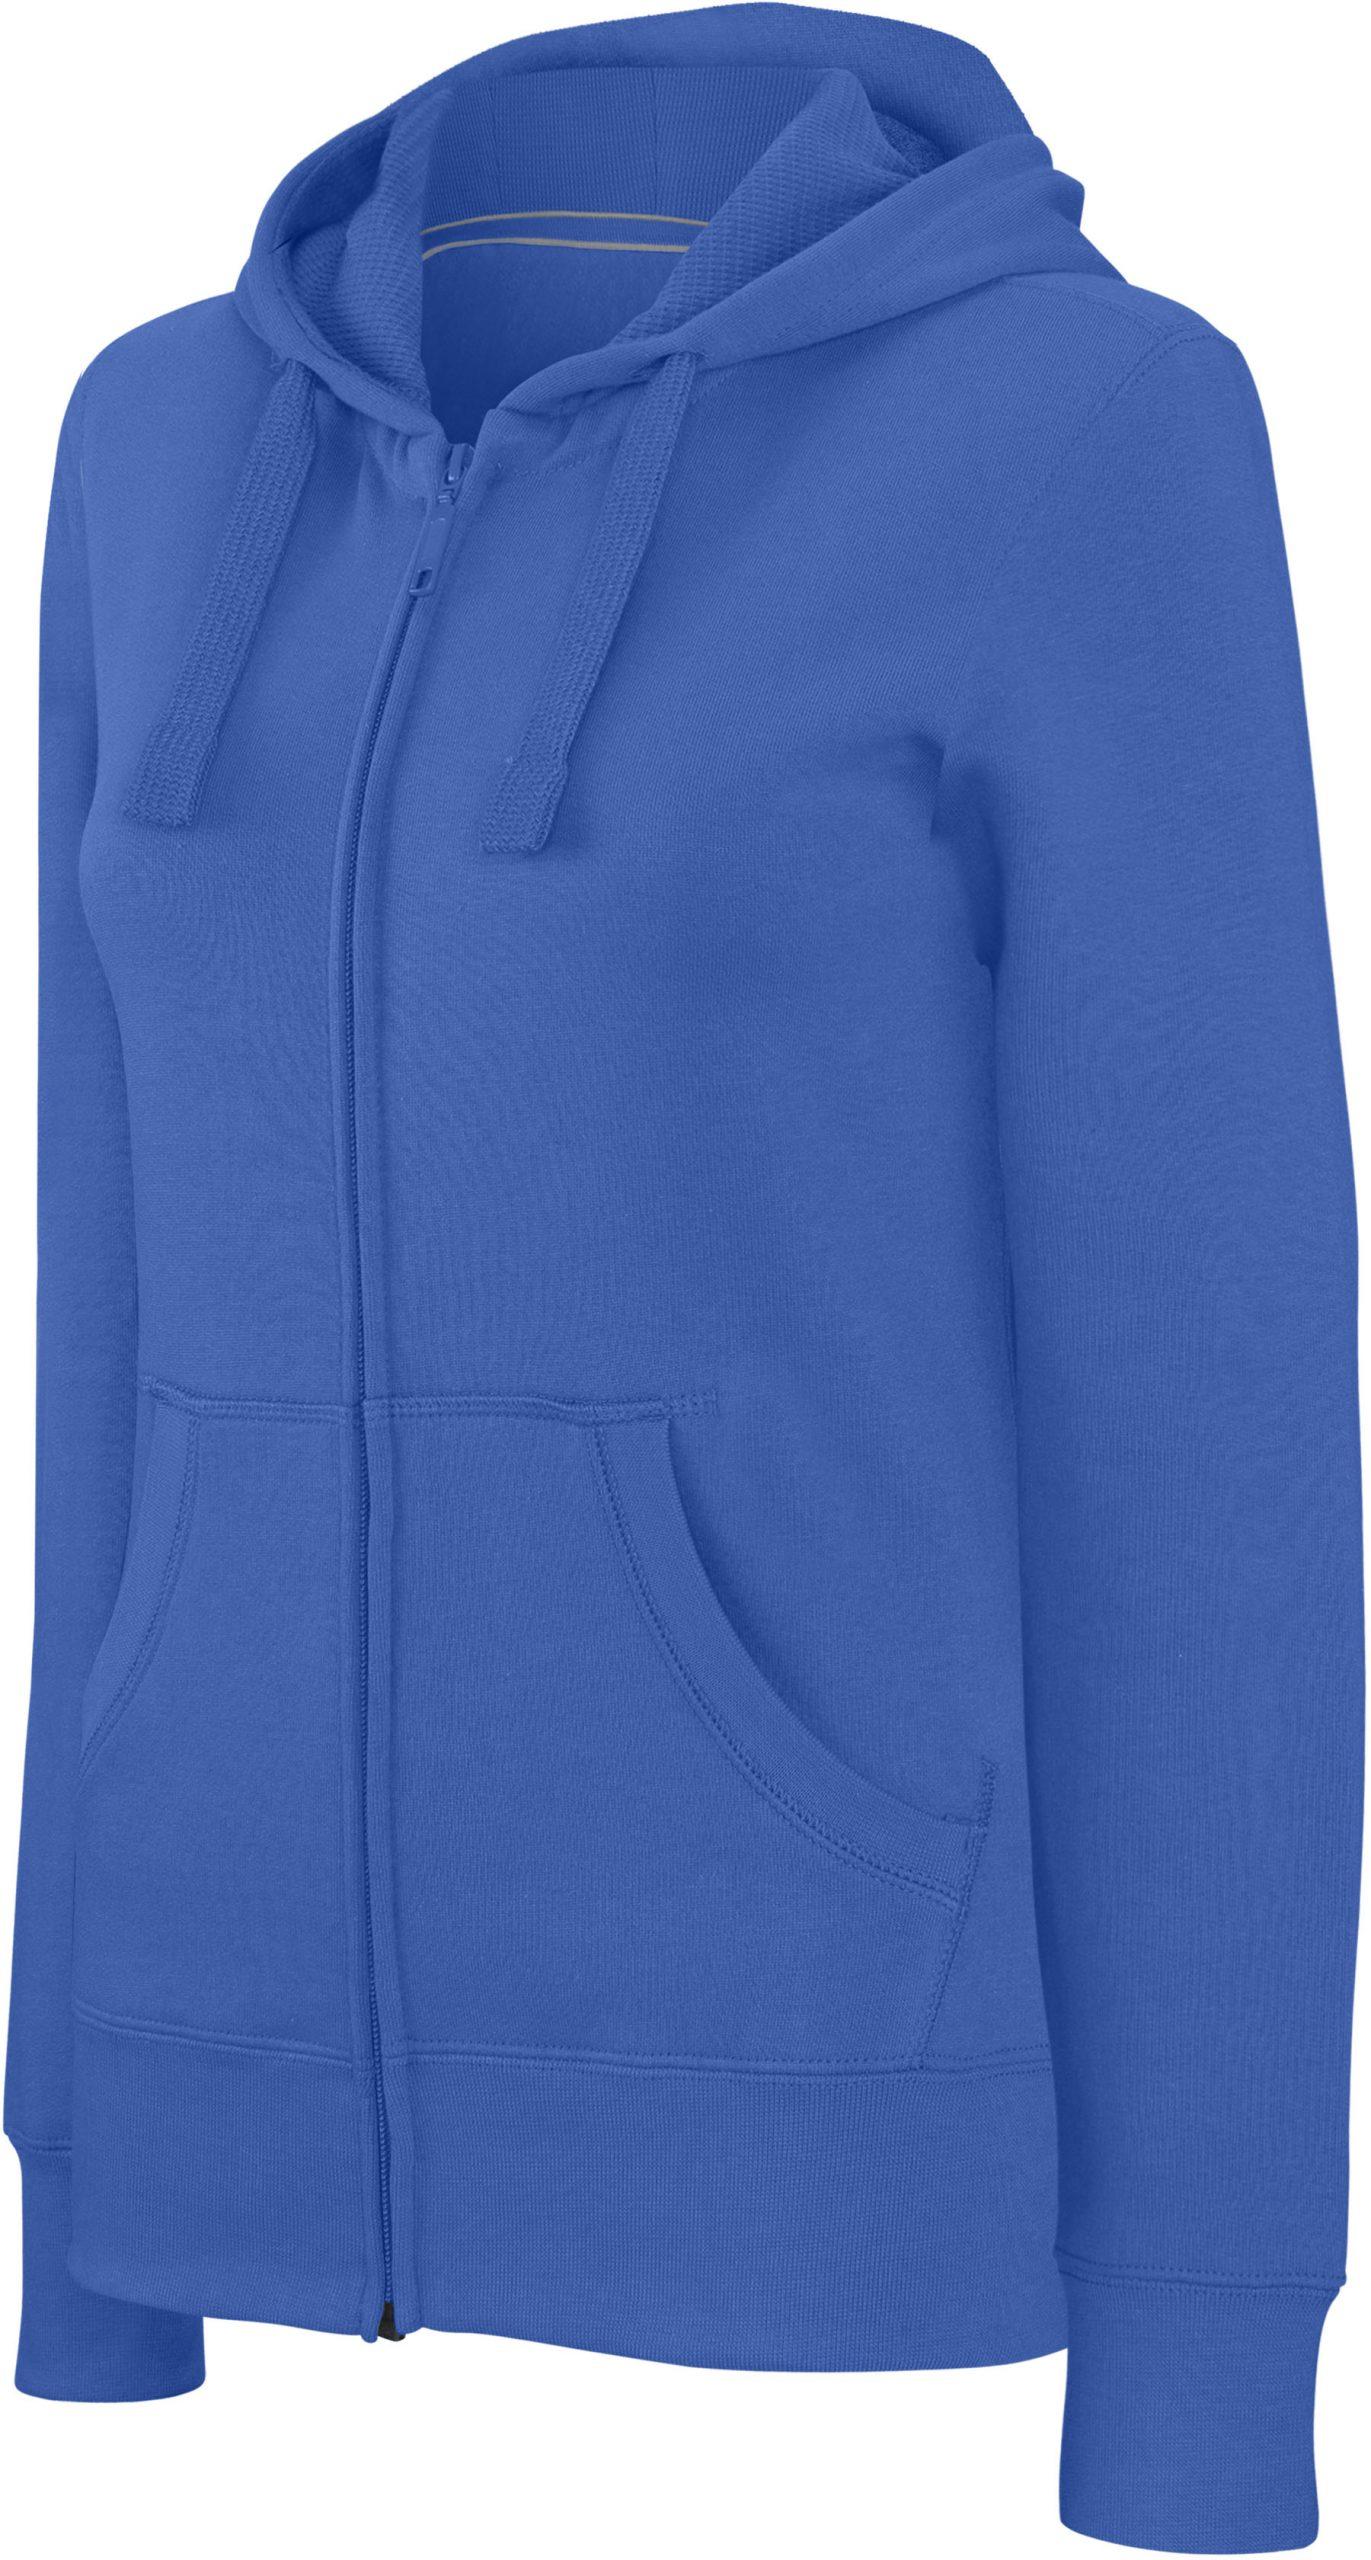 Hooded Sweater Zipped Women